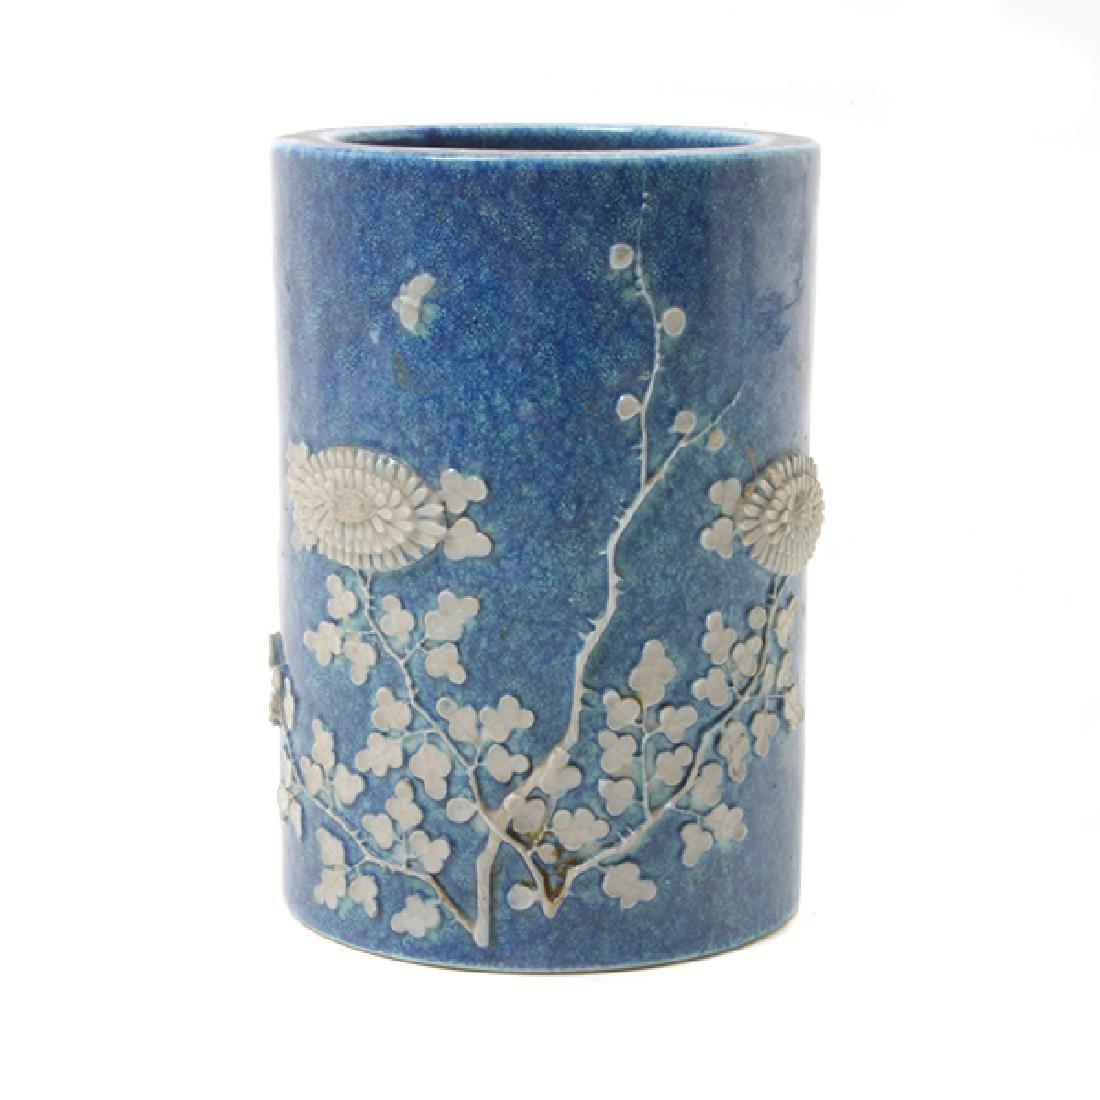 Pr of Biscuit Porcelain Brush Pots, L 19th/E 20th C - 5